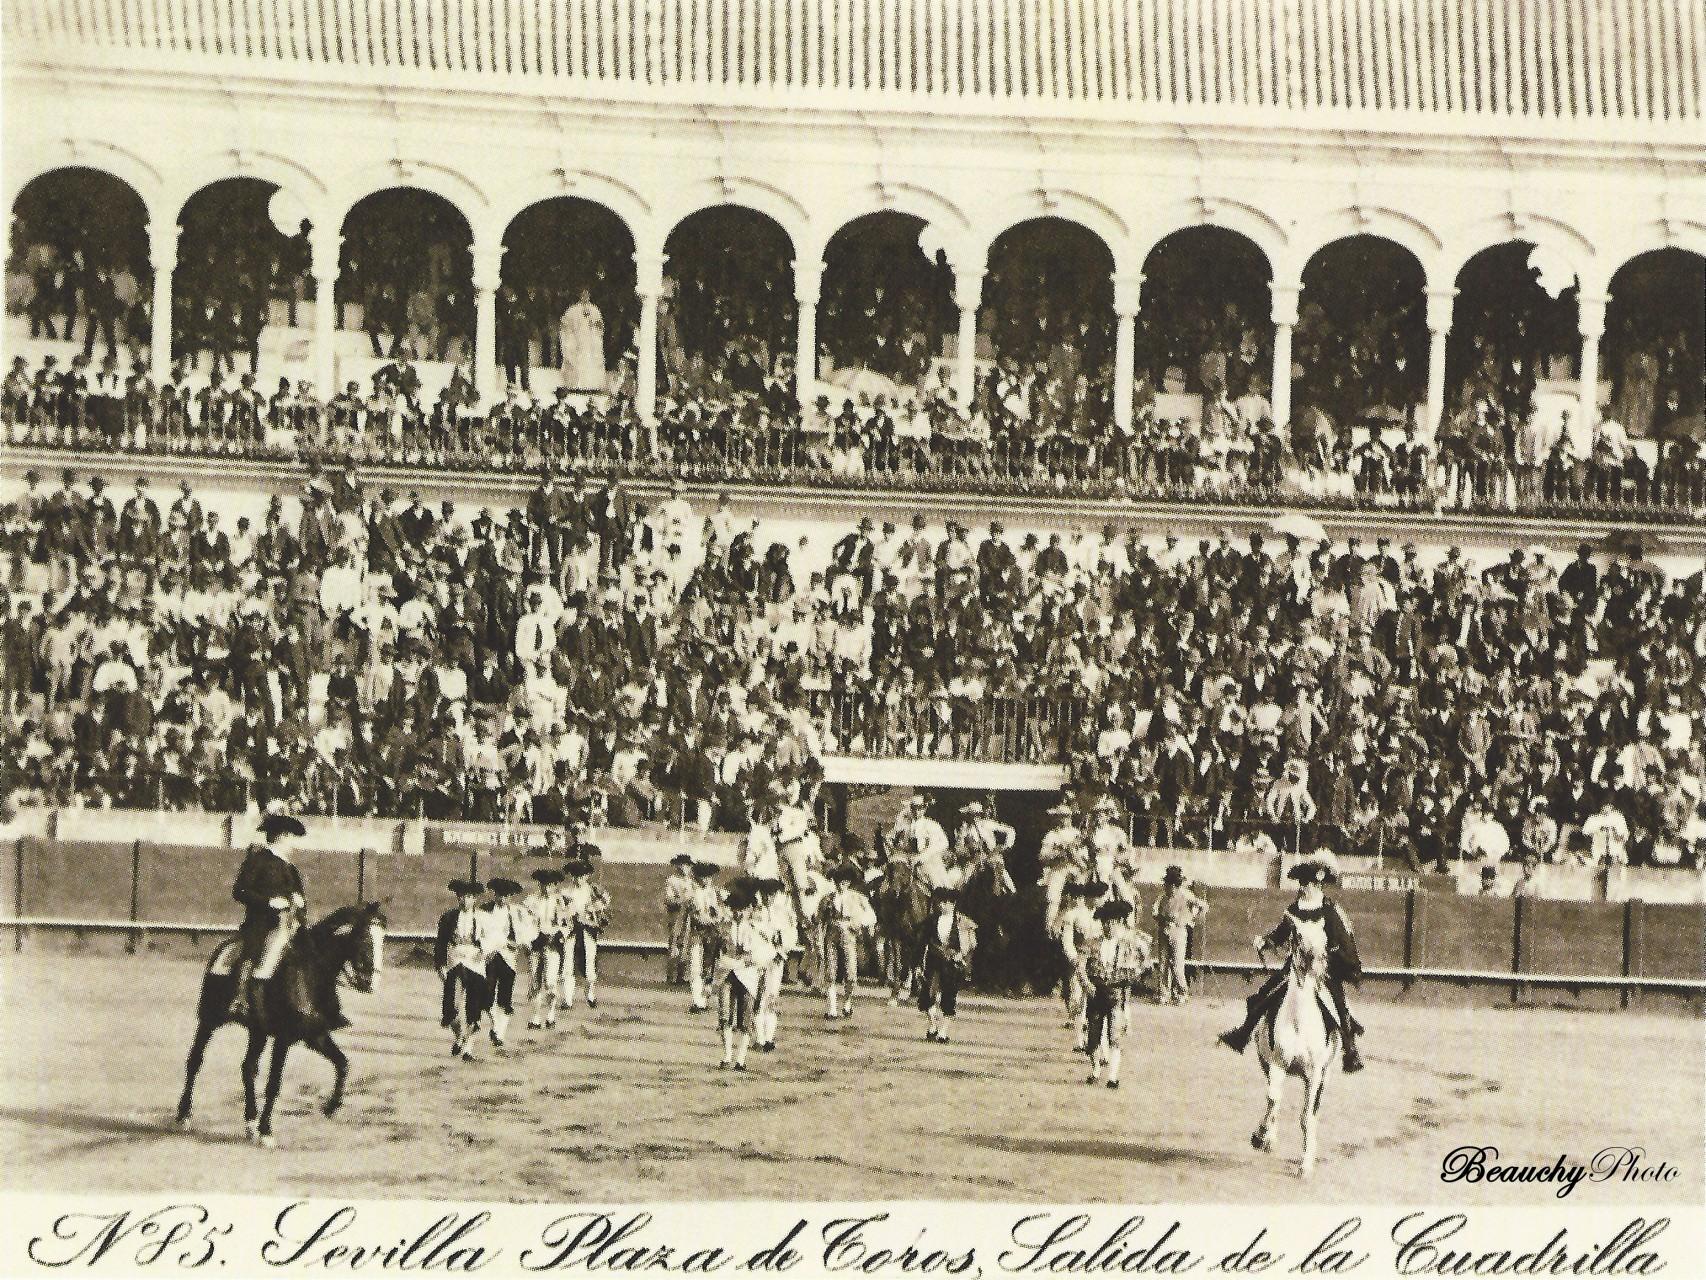 Salida de la Cuadrilla en la Plaza de Toros de Sevilla